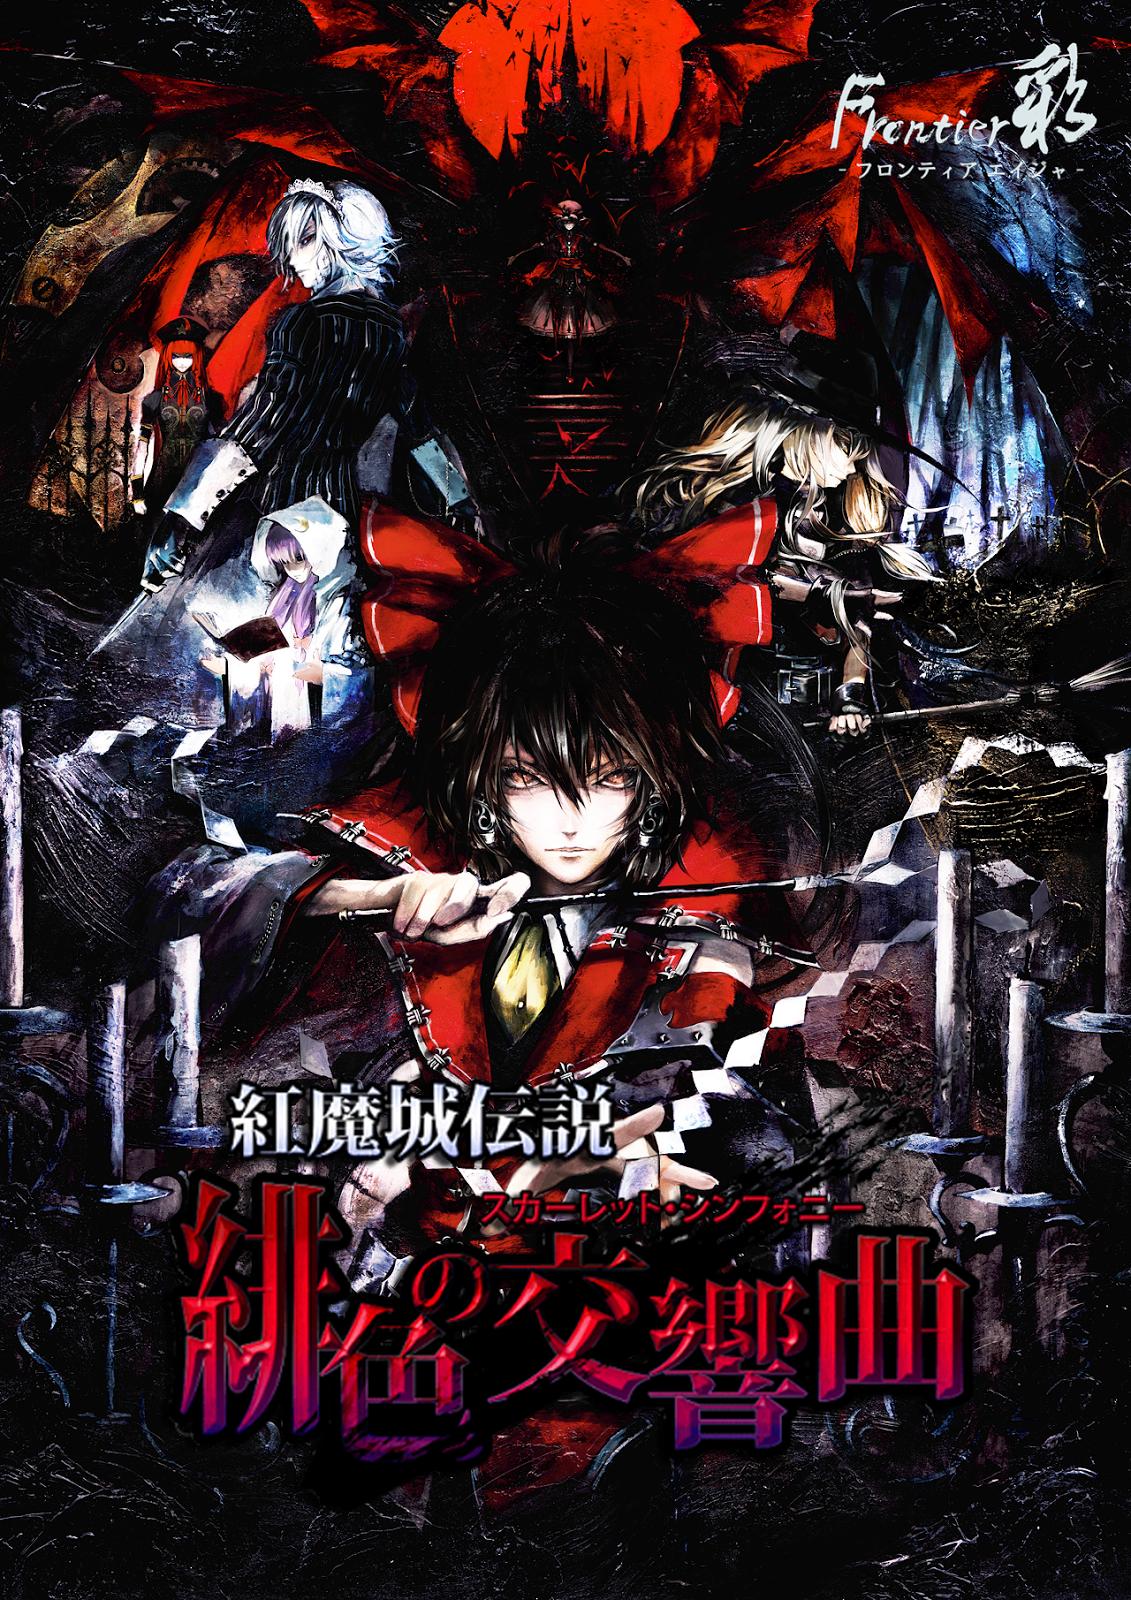 Programa 7x20 (28-02-2014) Especial Castlevania Parte 2 Koumajou+Densetsu